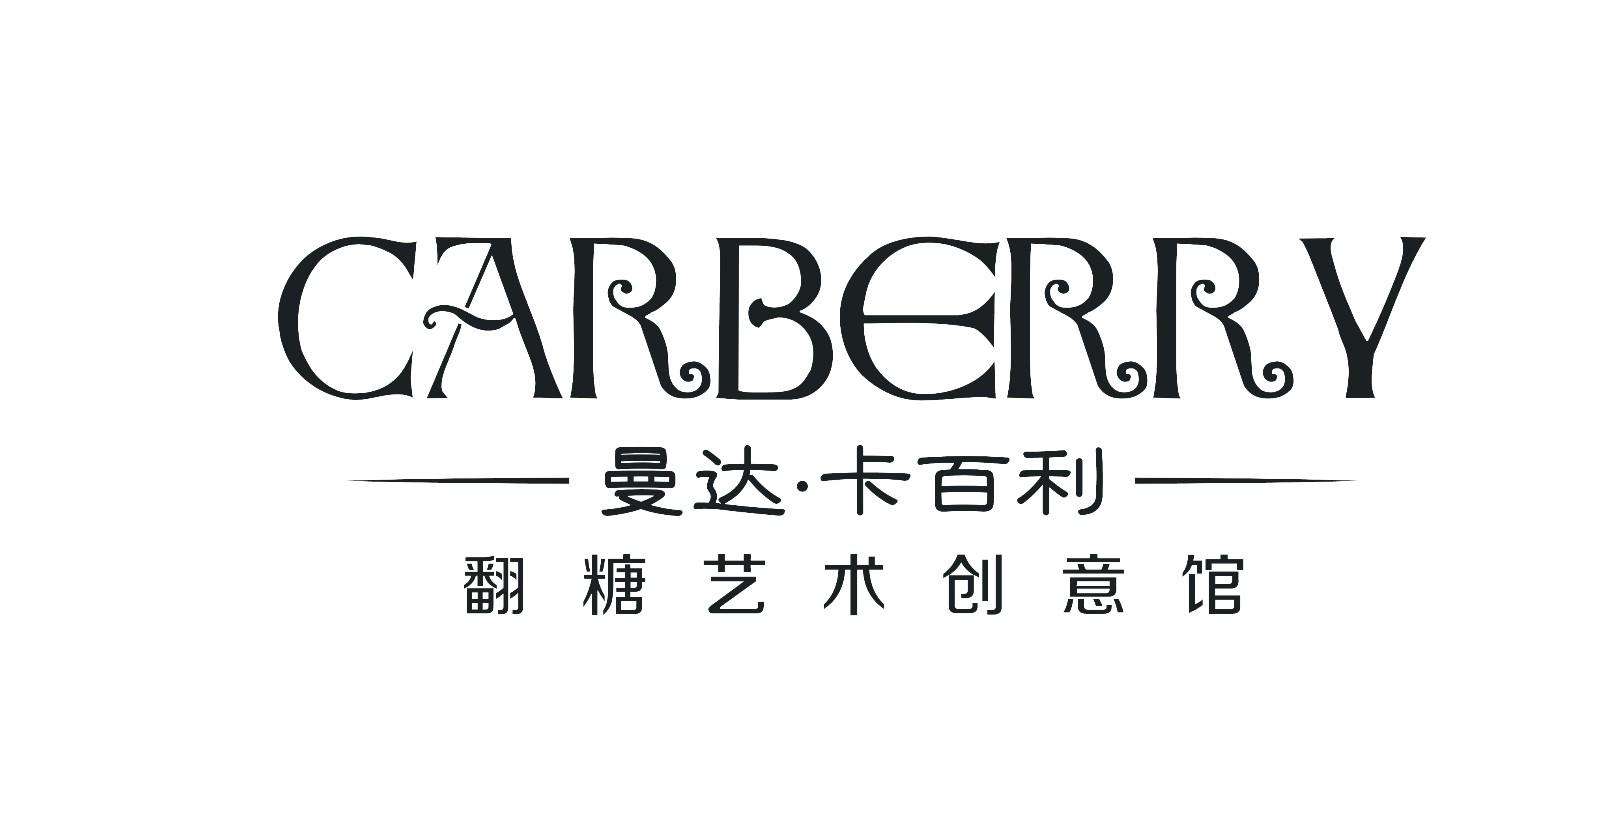 CarberryCake